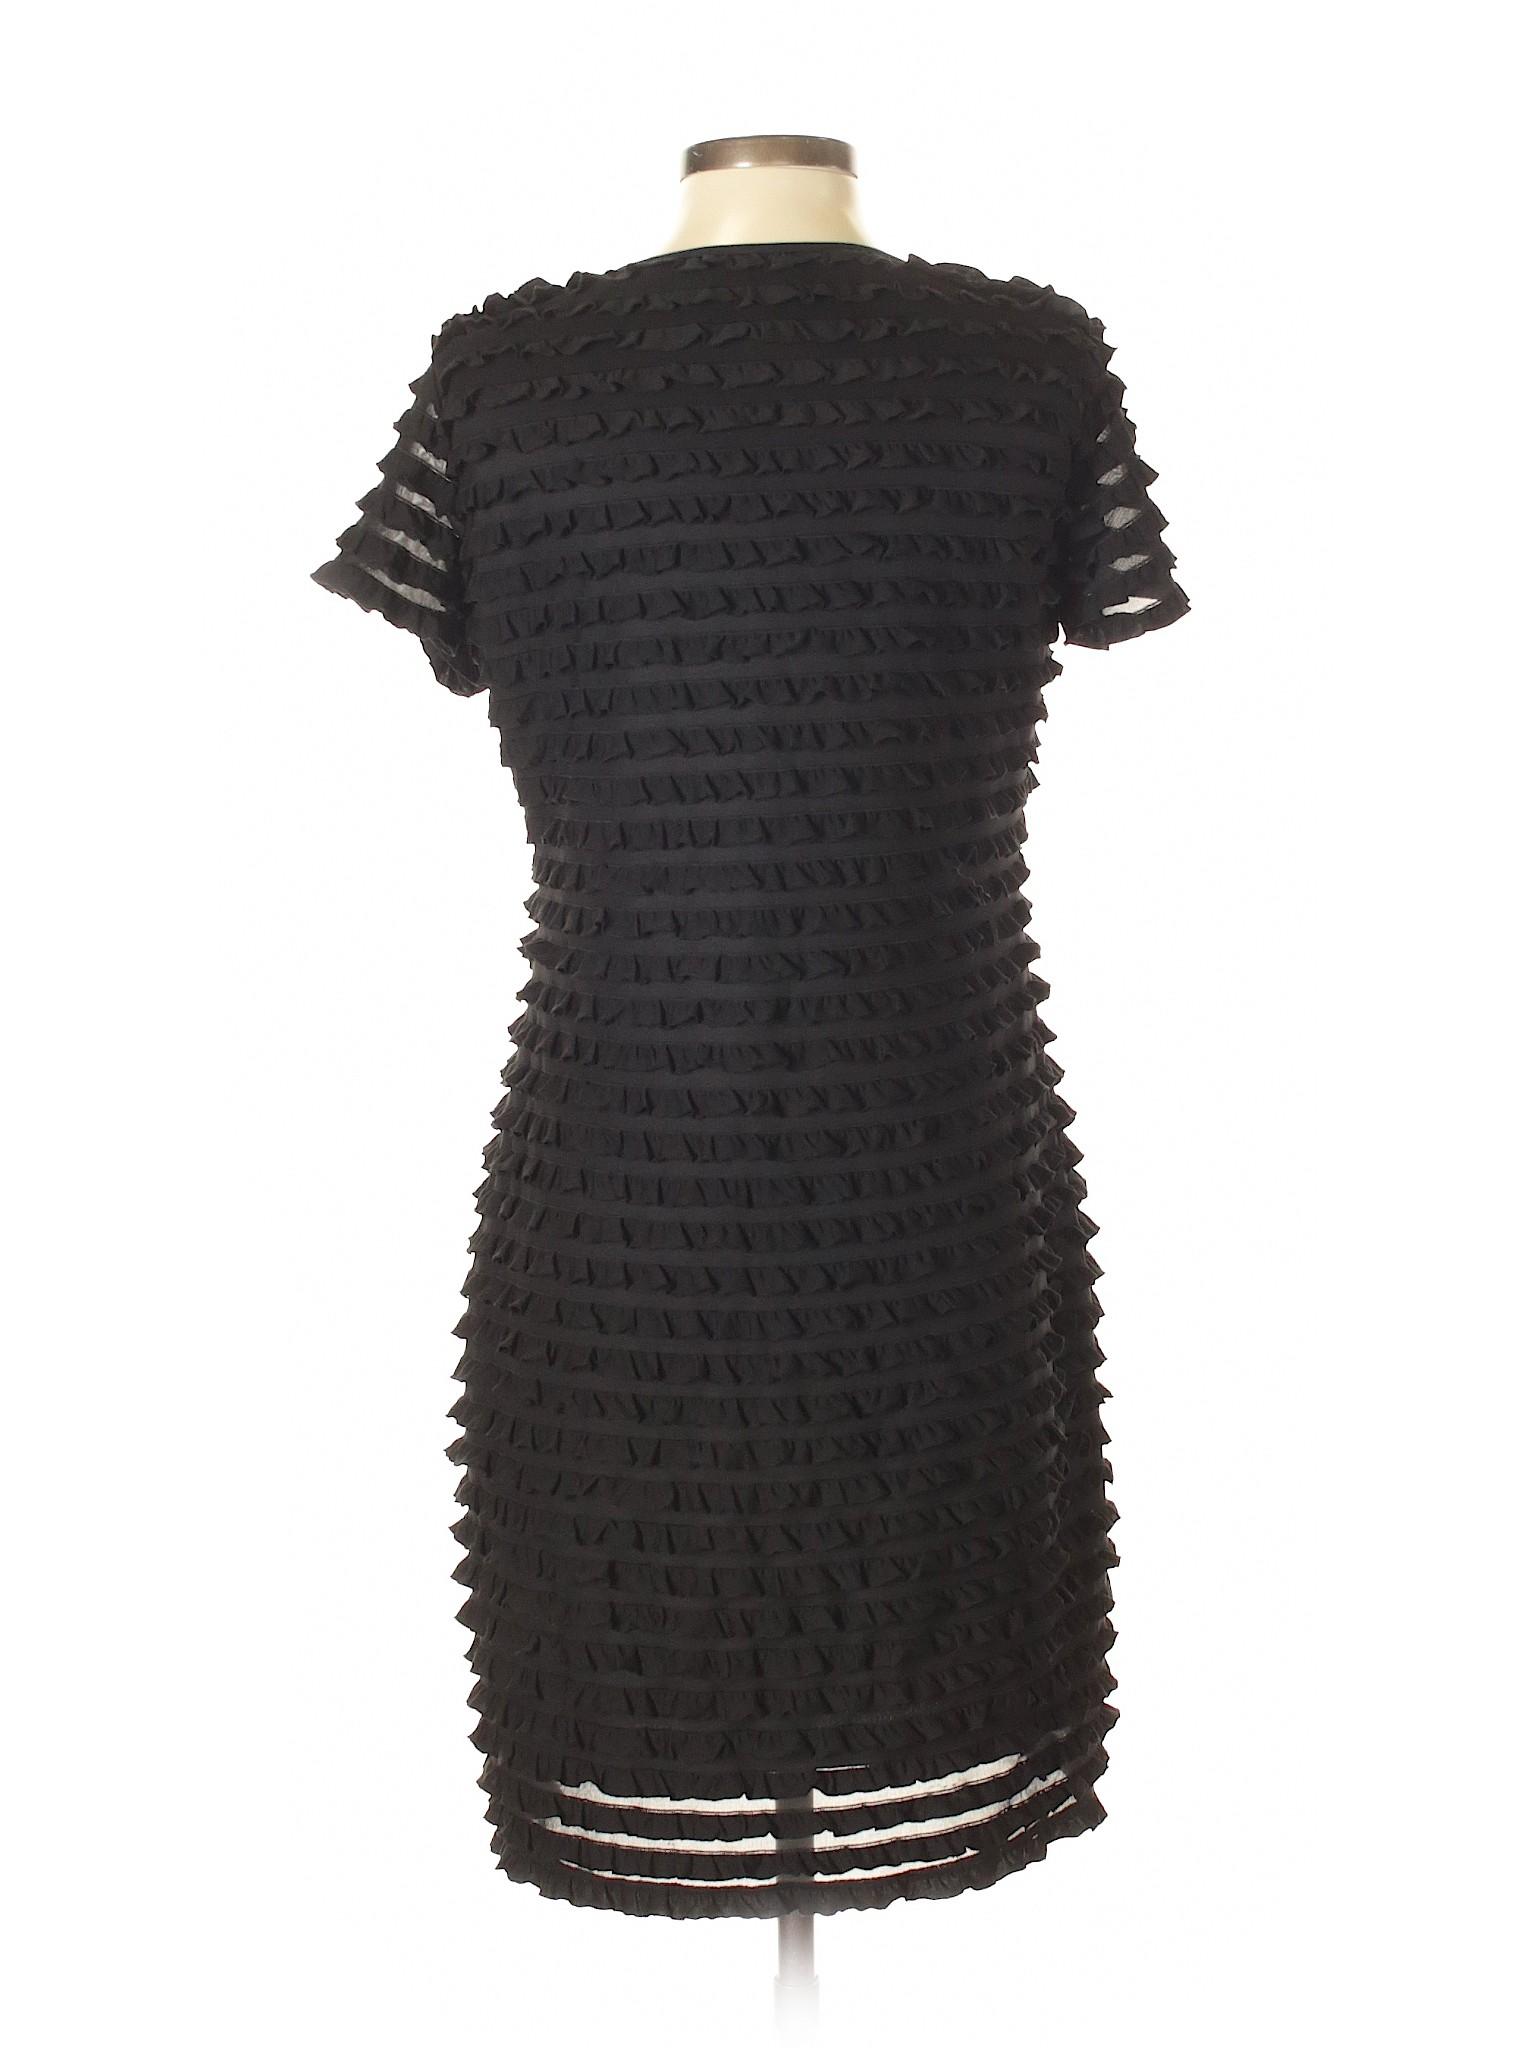 Nicole Ronni Casual winter Dress Boutique 6HqZwEw